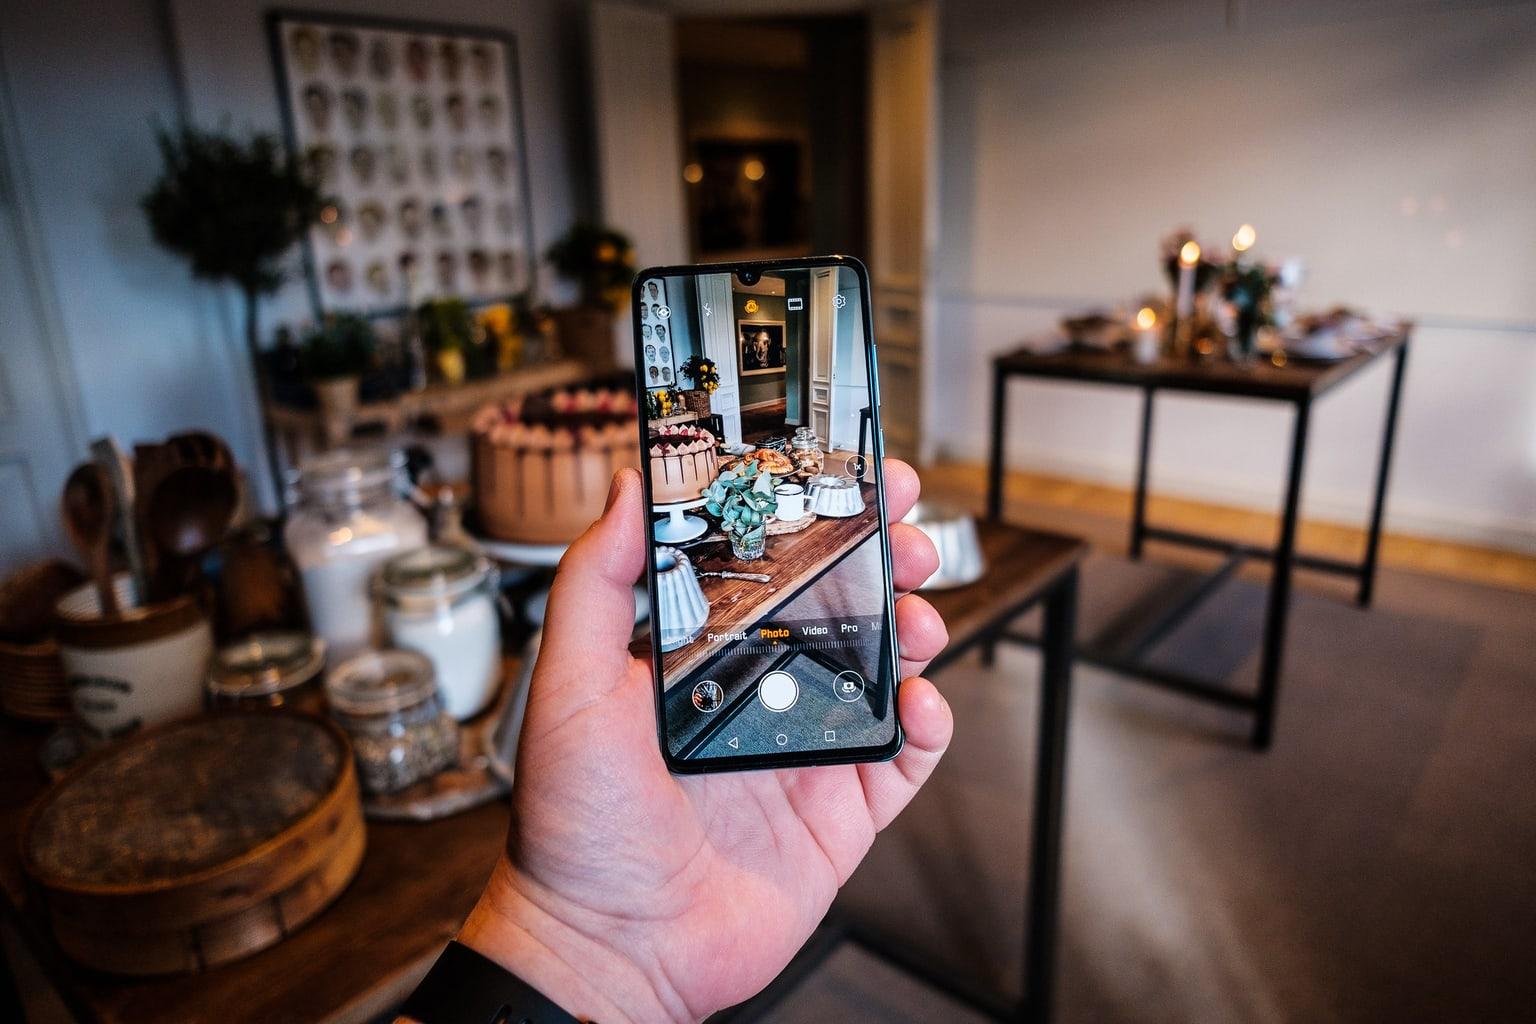 Sosteniendo un Huawei P30 pro en la mano con la vista de cámara enfocando una mesa de comida